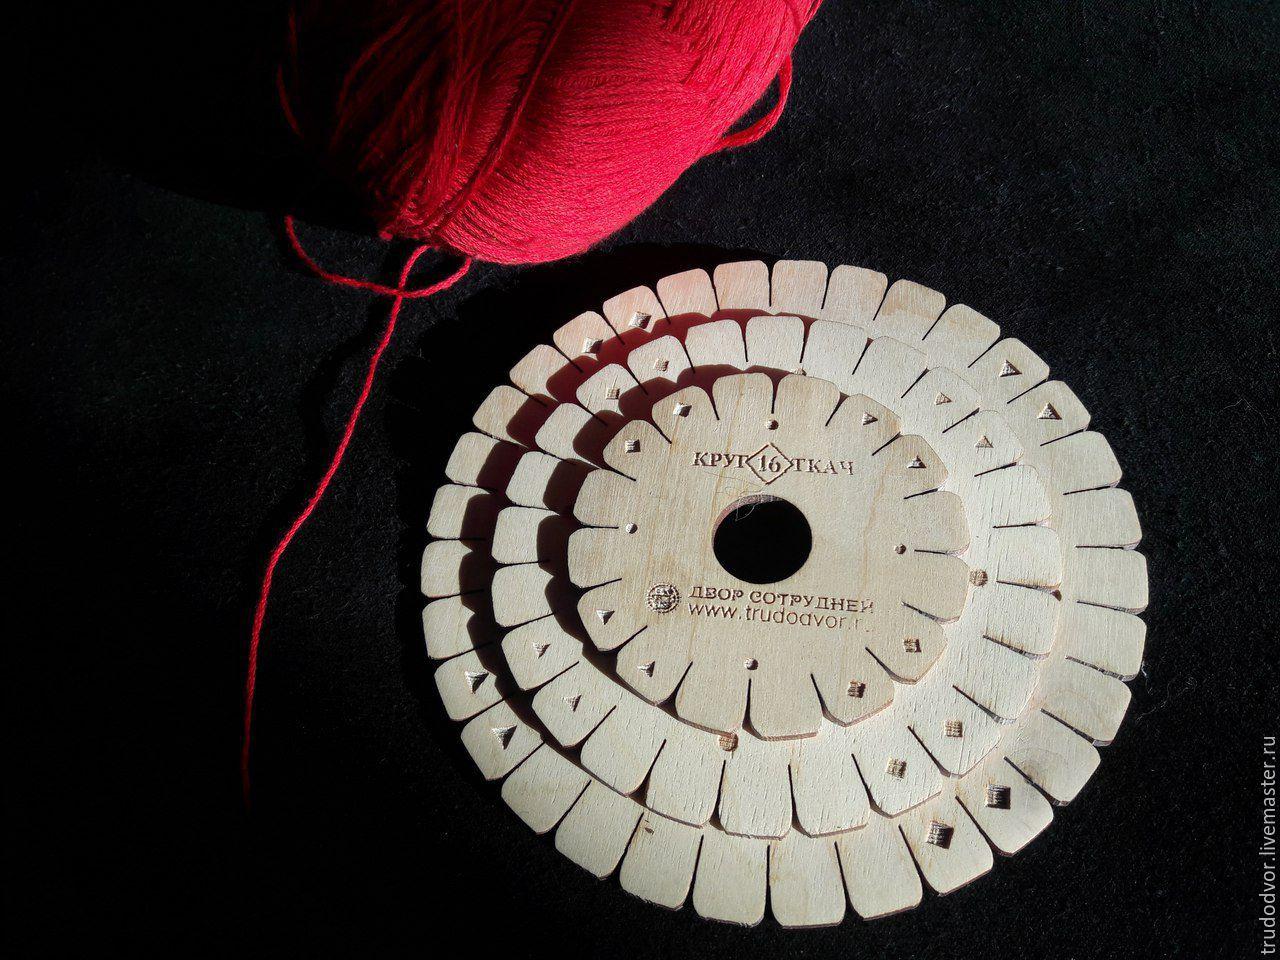 Набор дисков для кумихино, Инструменты, Москва,  Фото №1